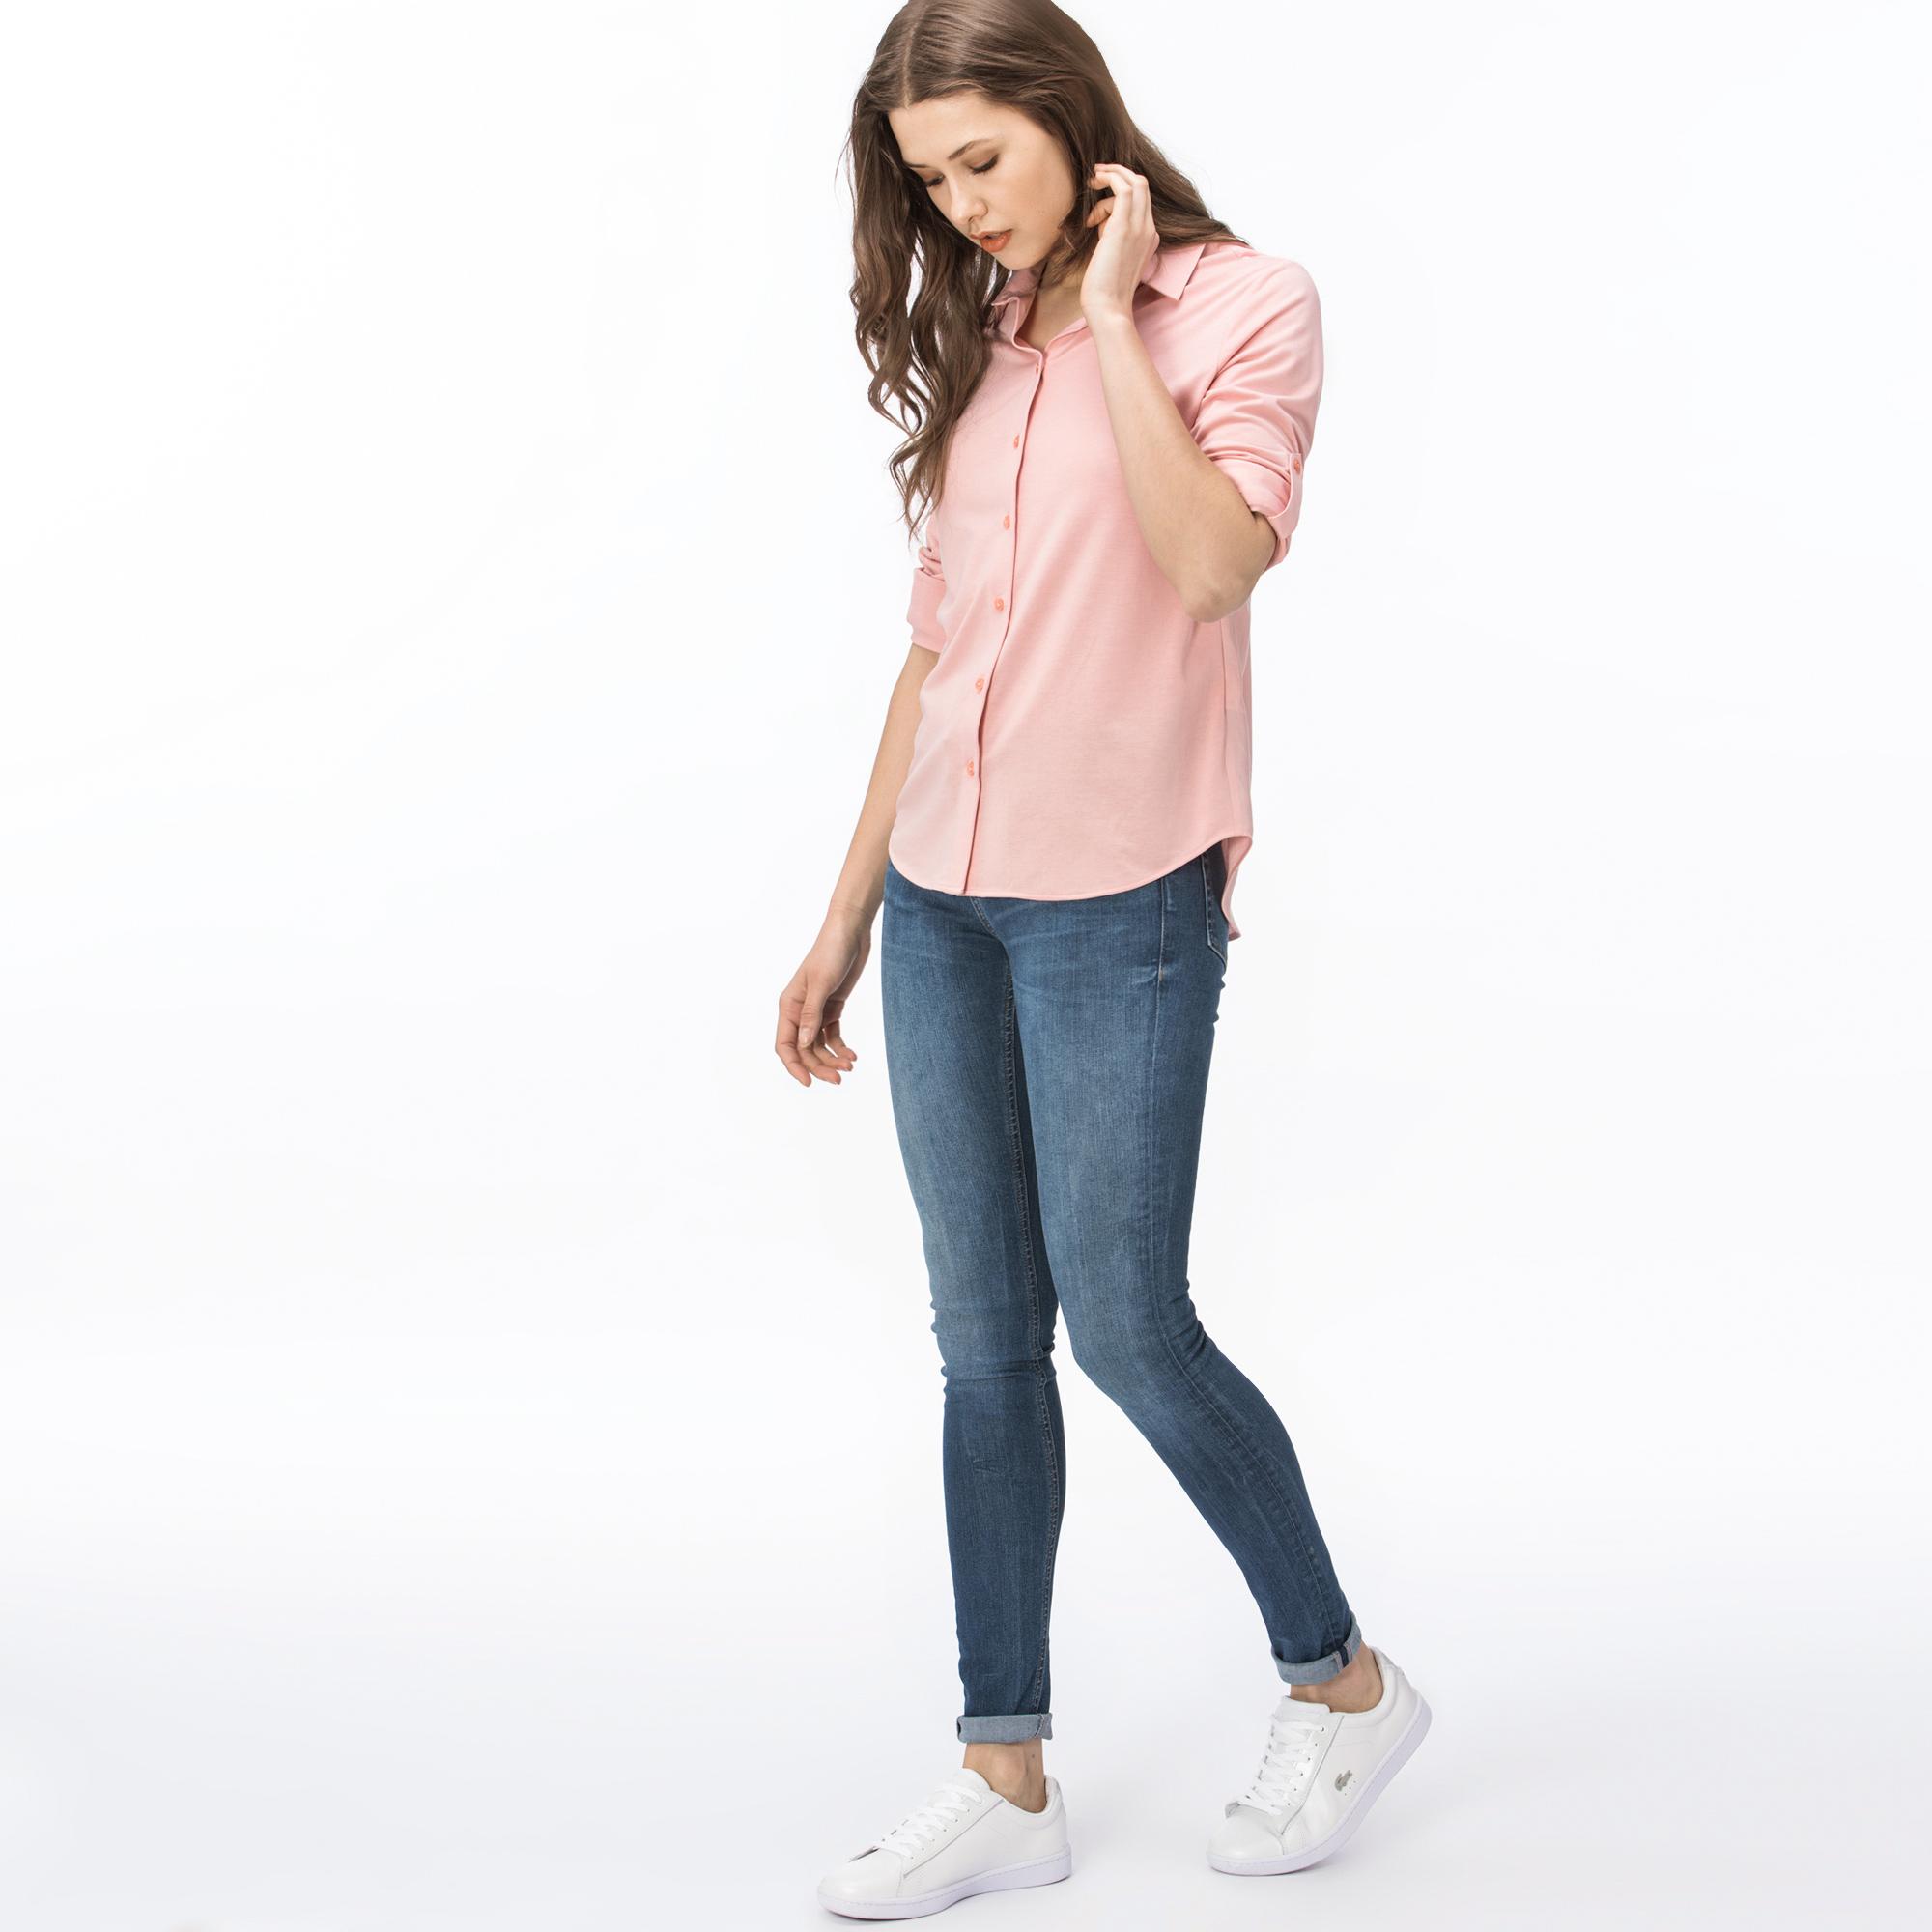 Lacoste Women's Sportswear Pants